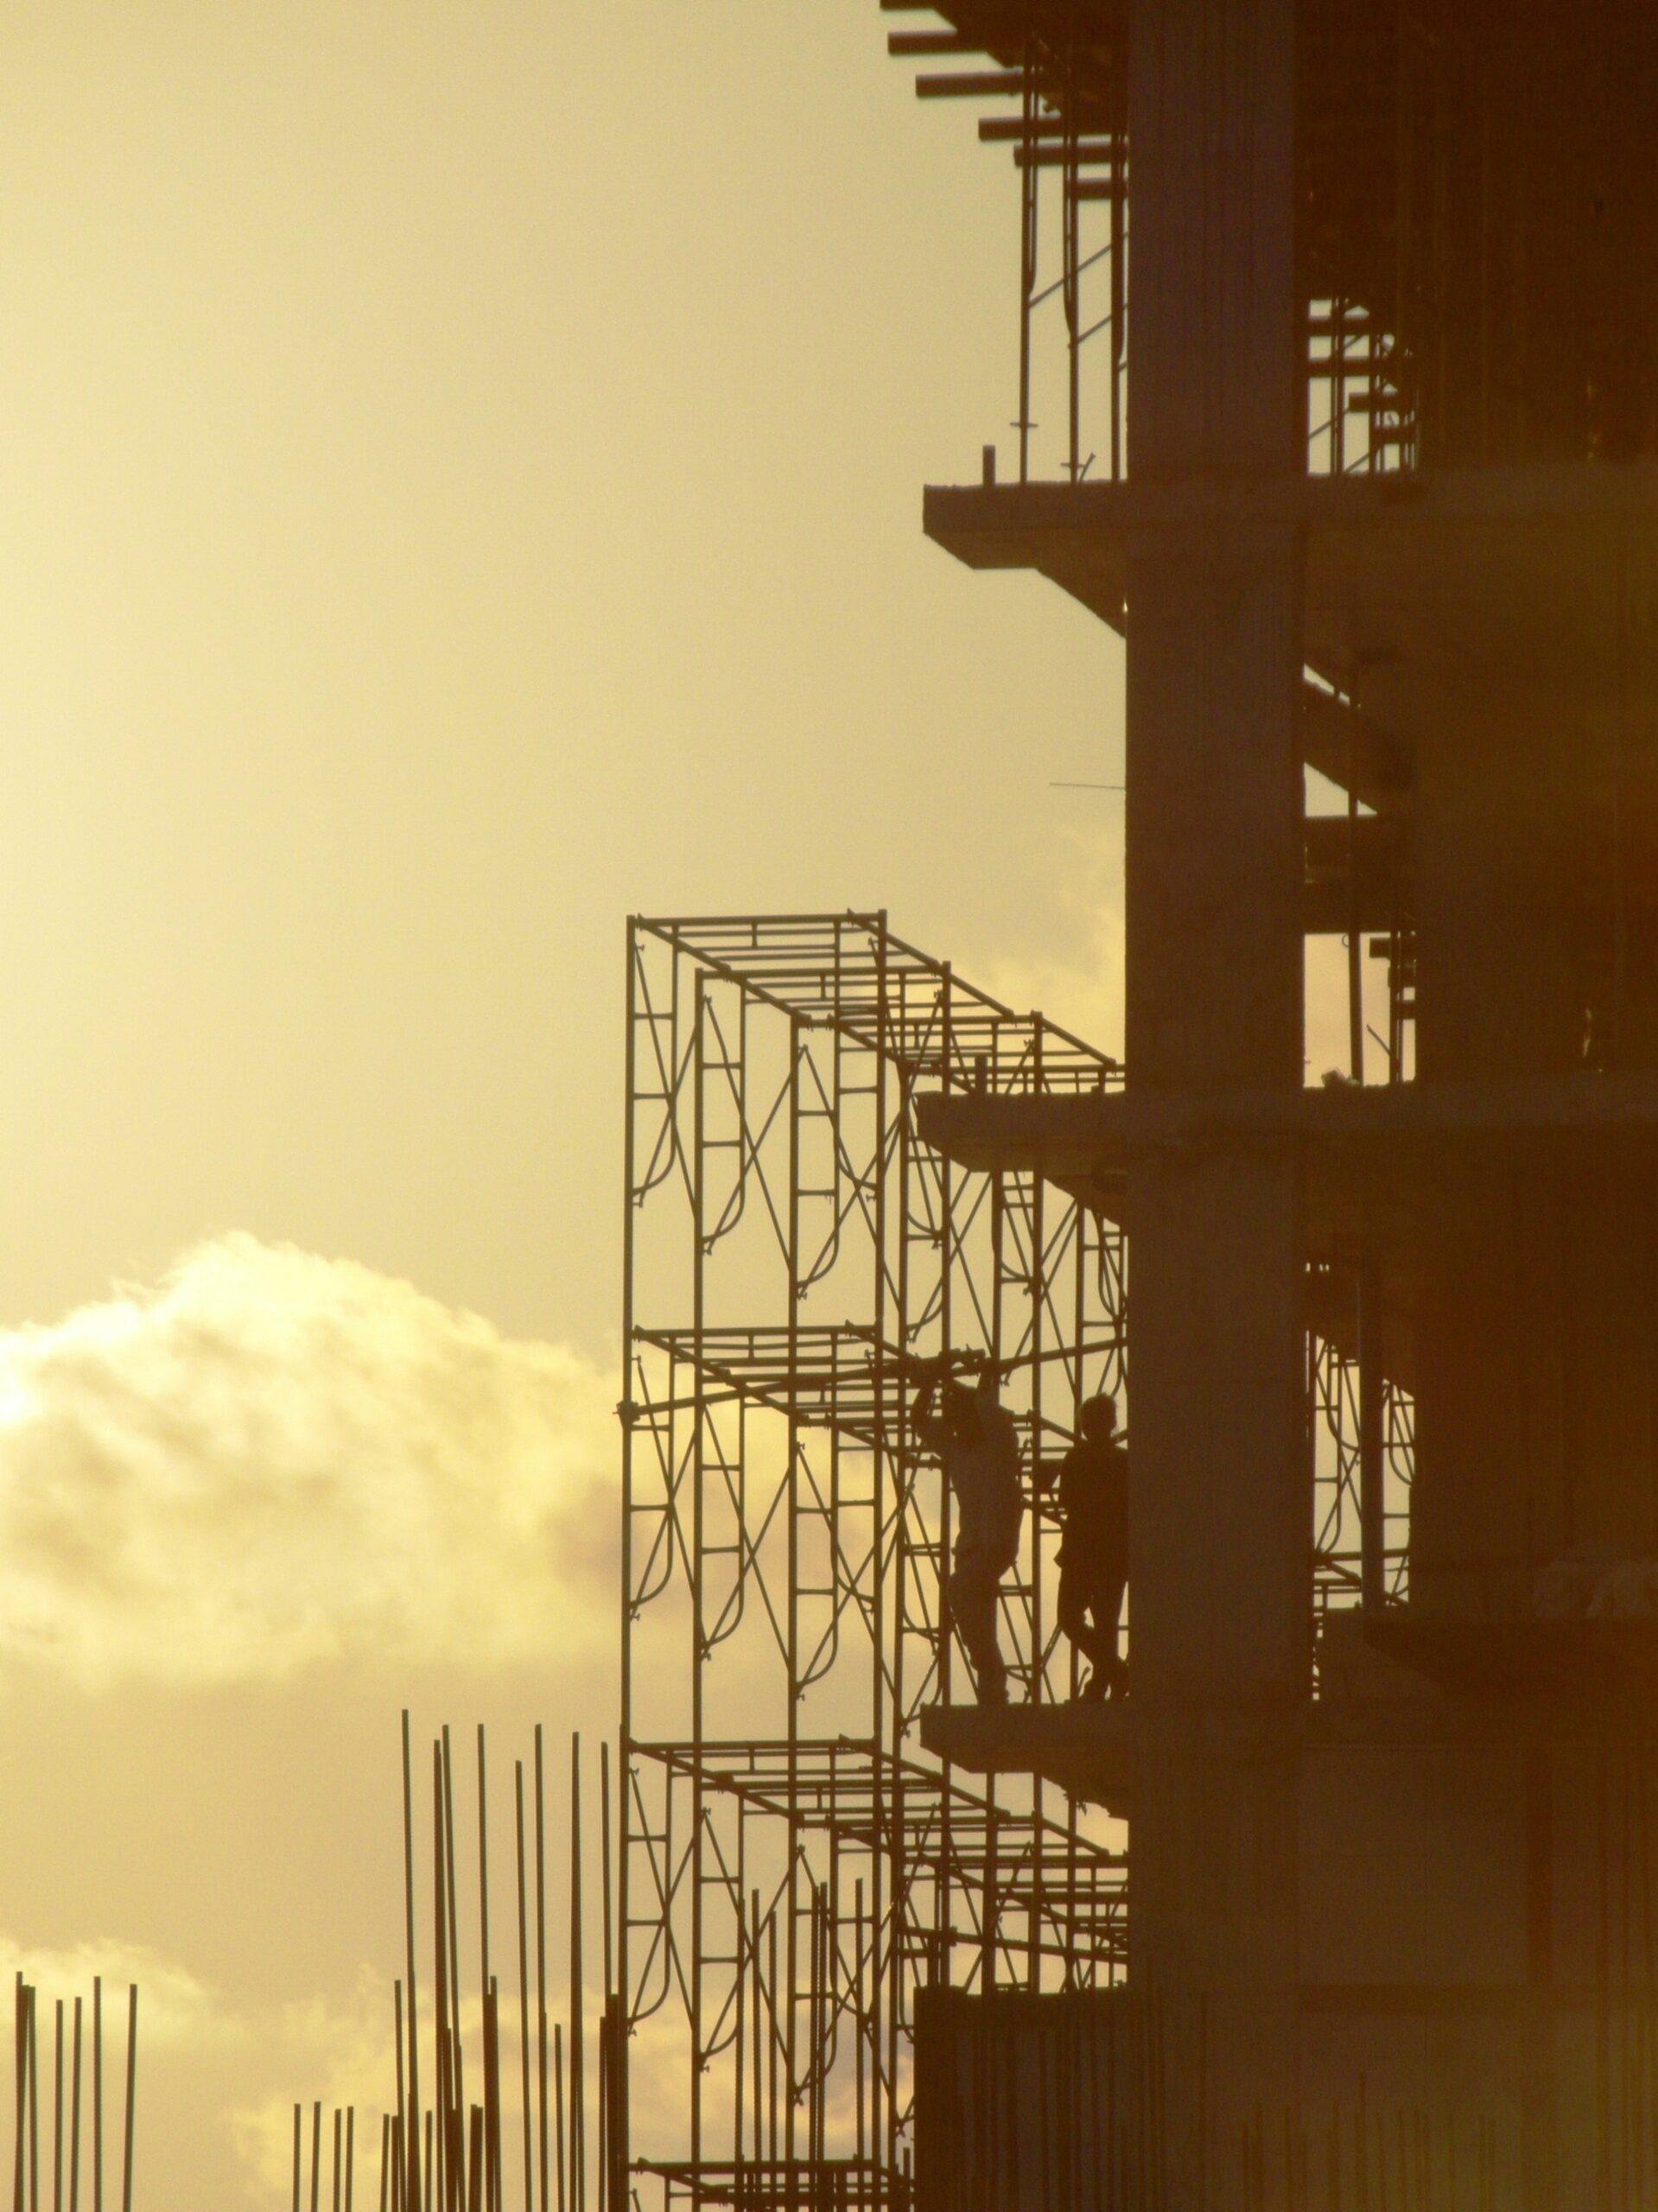 bâtiment en construction symbolisant la croissance économique